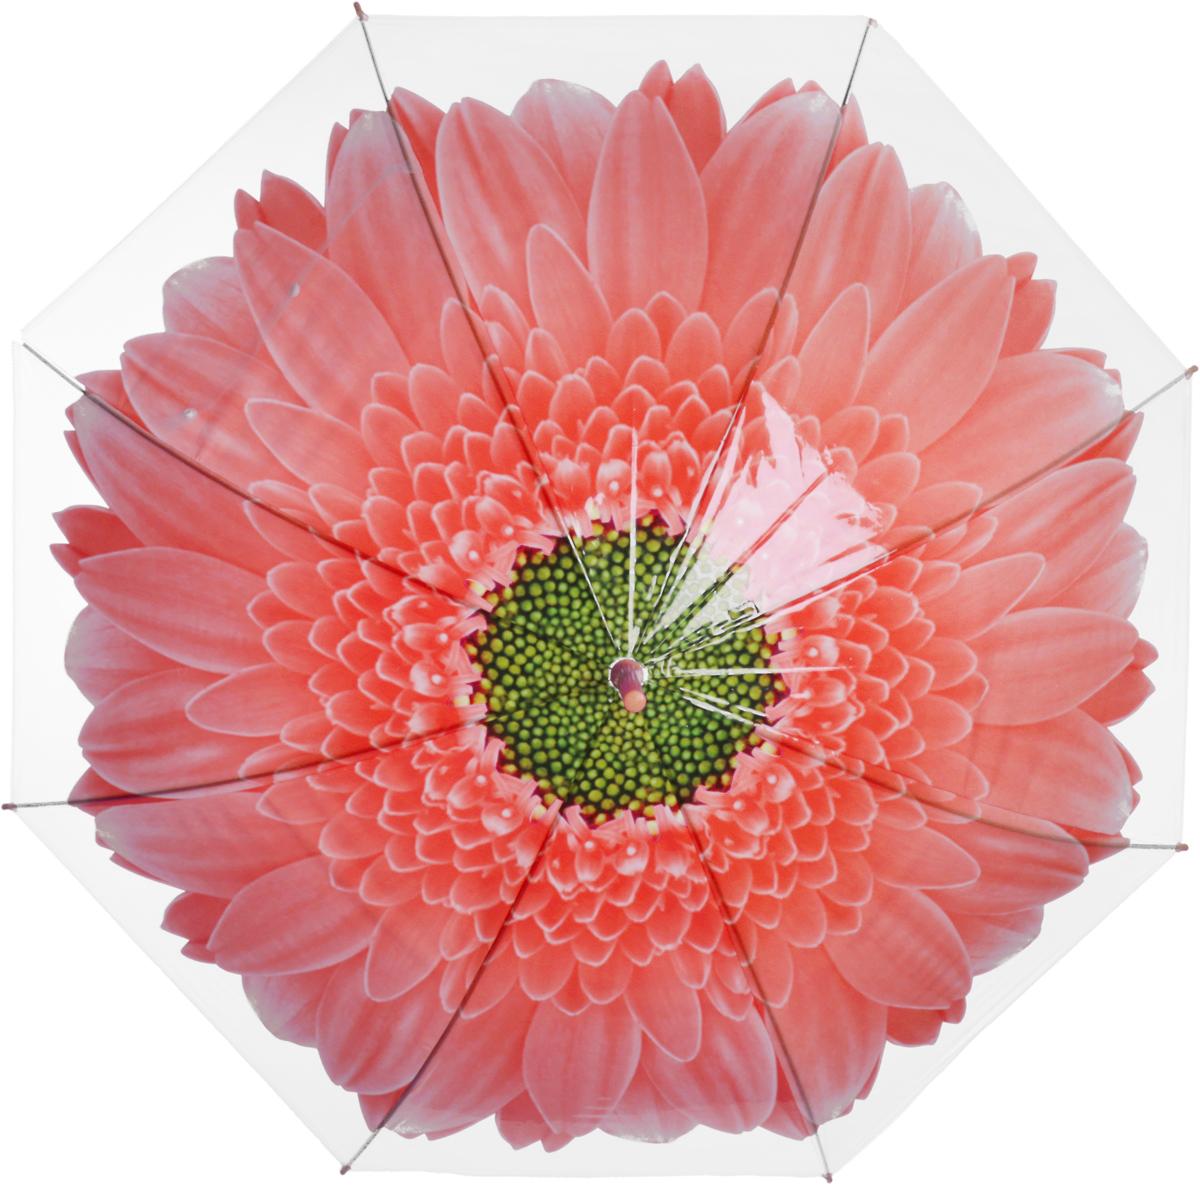 Зонт женский Эврика Цветок, цвет: оранжевый, белый. 97858Колье (короткие одноярусные бусы)Зонт-трость полиэтиленовый, диаметр купола 1 метр, длинна трости 74 см.Упаковка: пакет прозрачный.